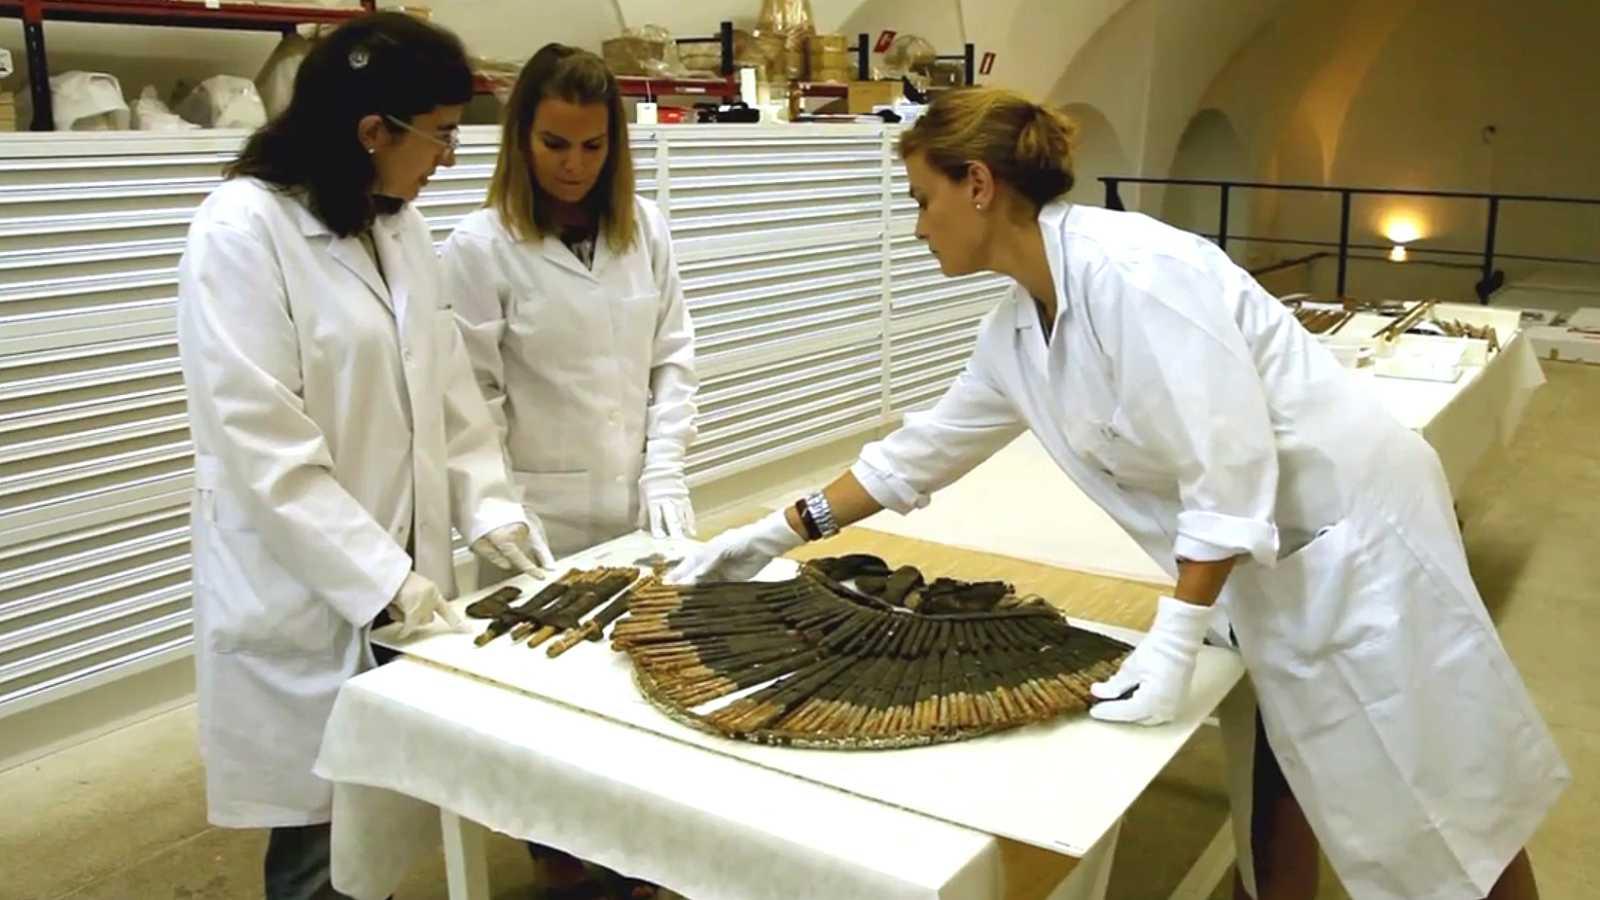 América hoy - La importancia de la conservación y restauración en los museos - 20/06/16 - escuchar ahora